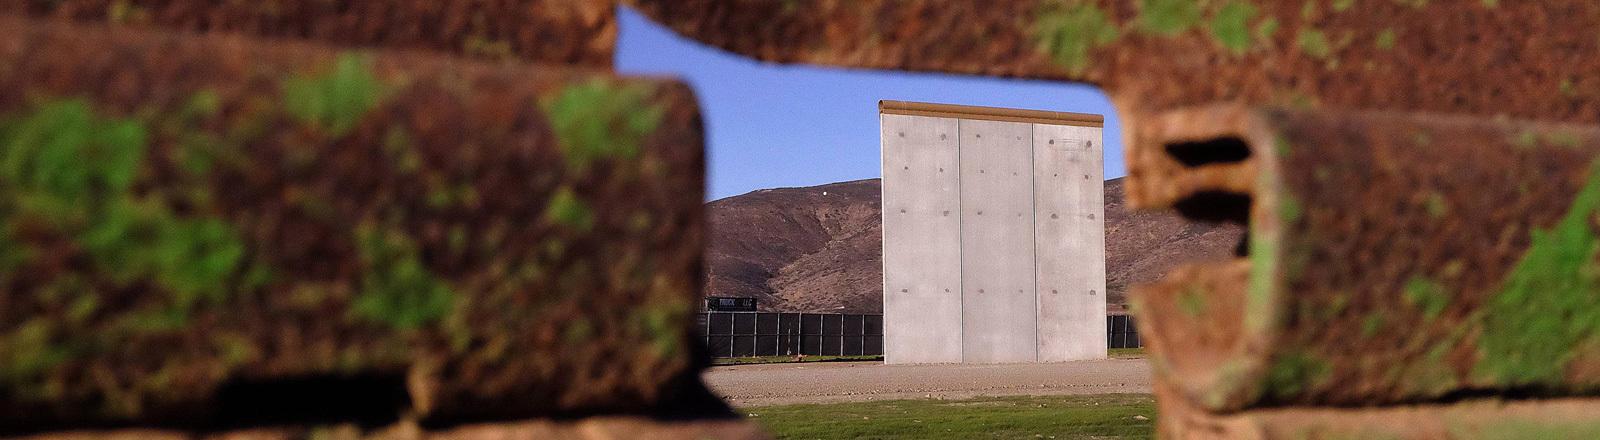 Zwischen den USA und Mexiko soll eine Mauer gebaut werden. Einzelne Mauerabschnitte wurden als Prototypen bereits aufgestellt (22. Januar 2018).